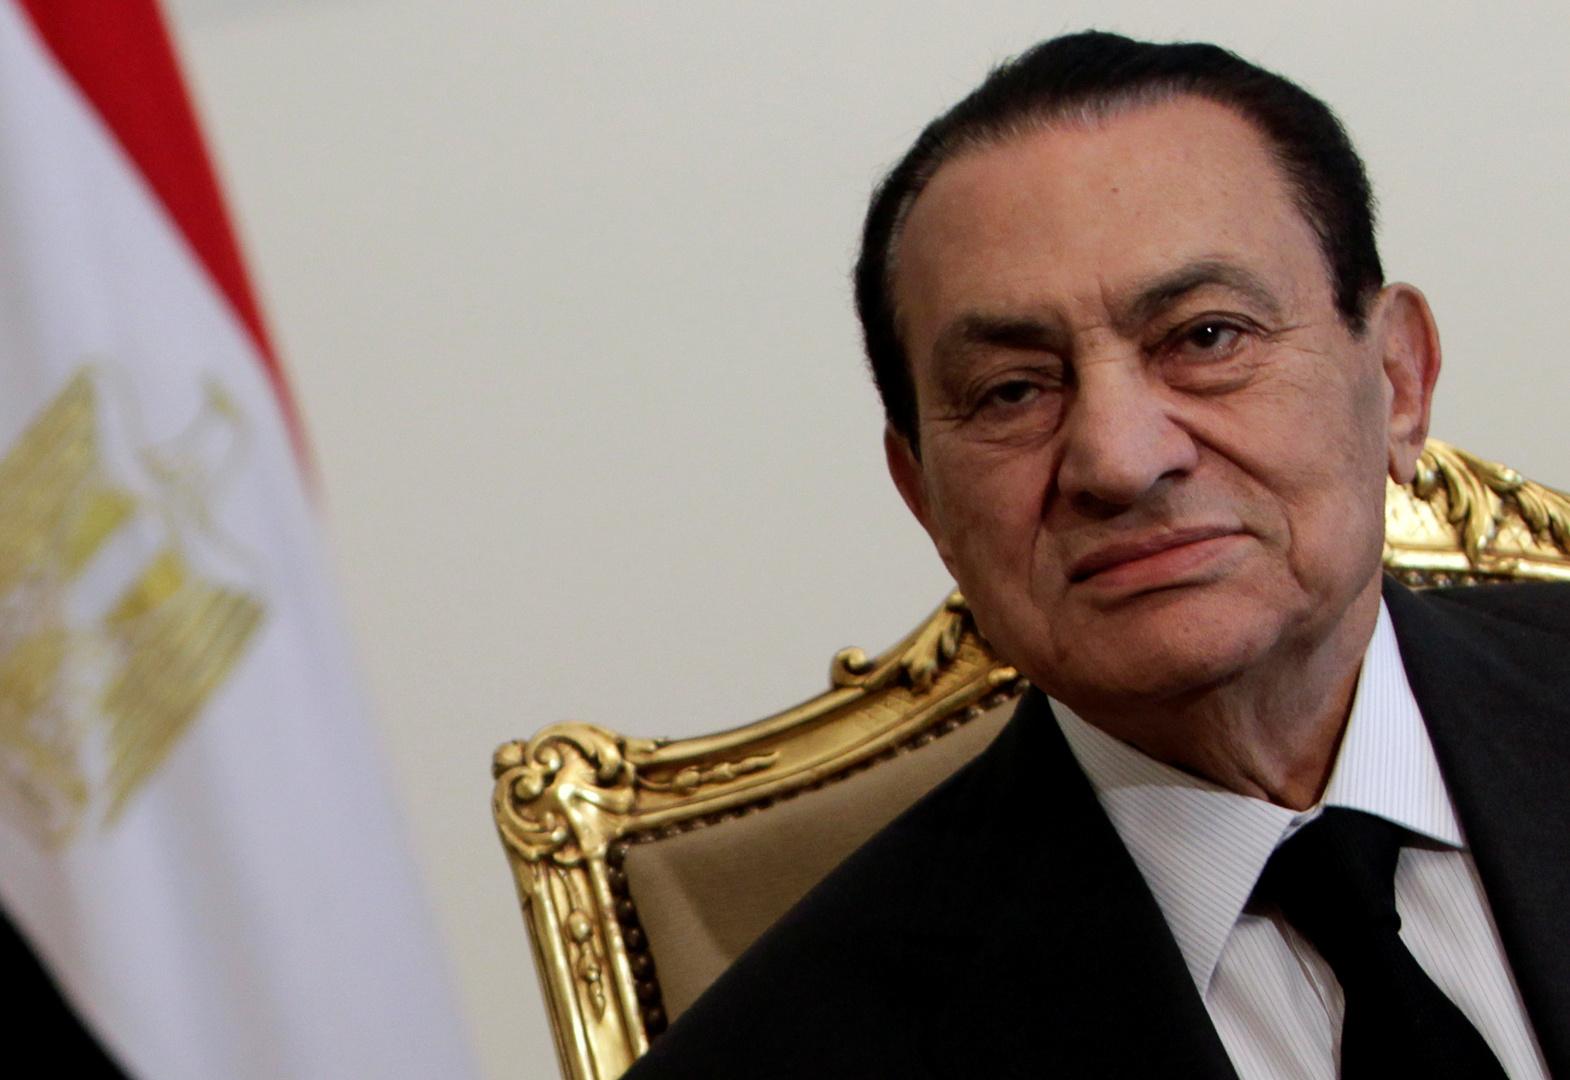 علاء مبارك يهاجم مصطفى بكري بعد كشفه مستندات حول قرار مبارك تبعية تيران وصنافير للسعودية